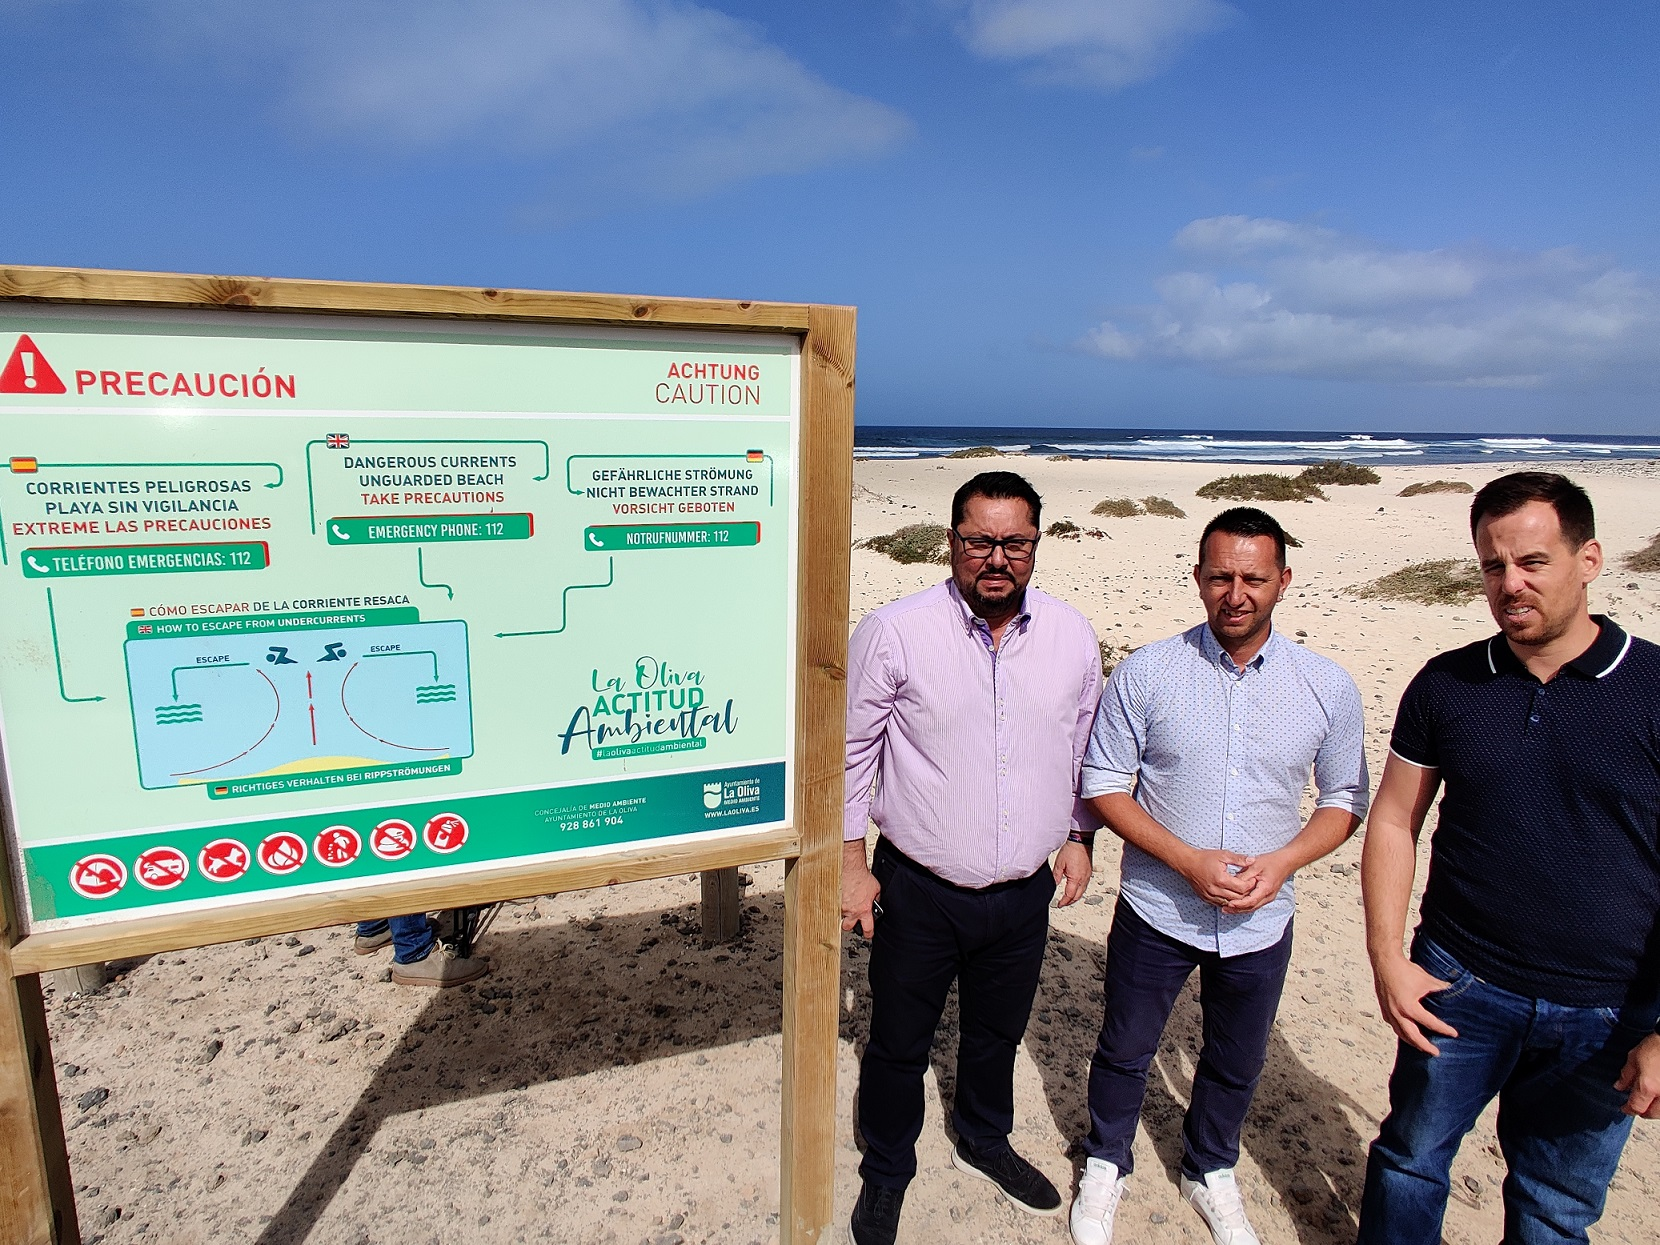 La Oliva instala nuevos carteles de sensibilización ambiental